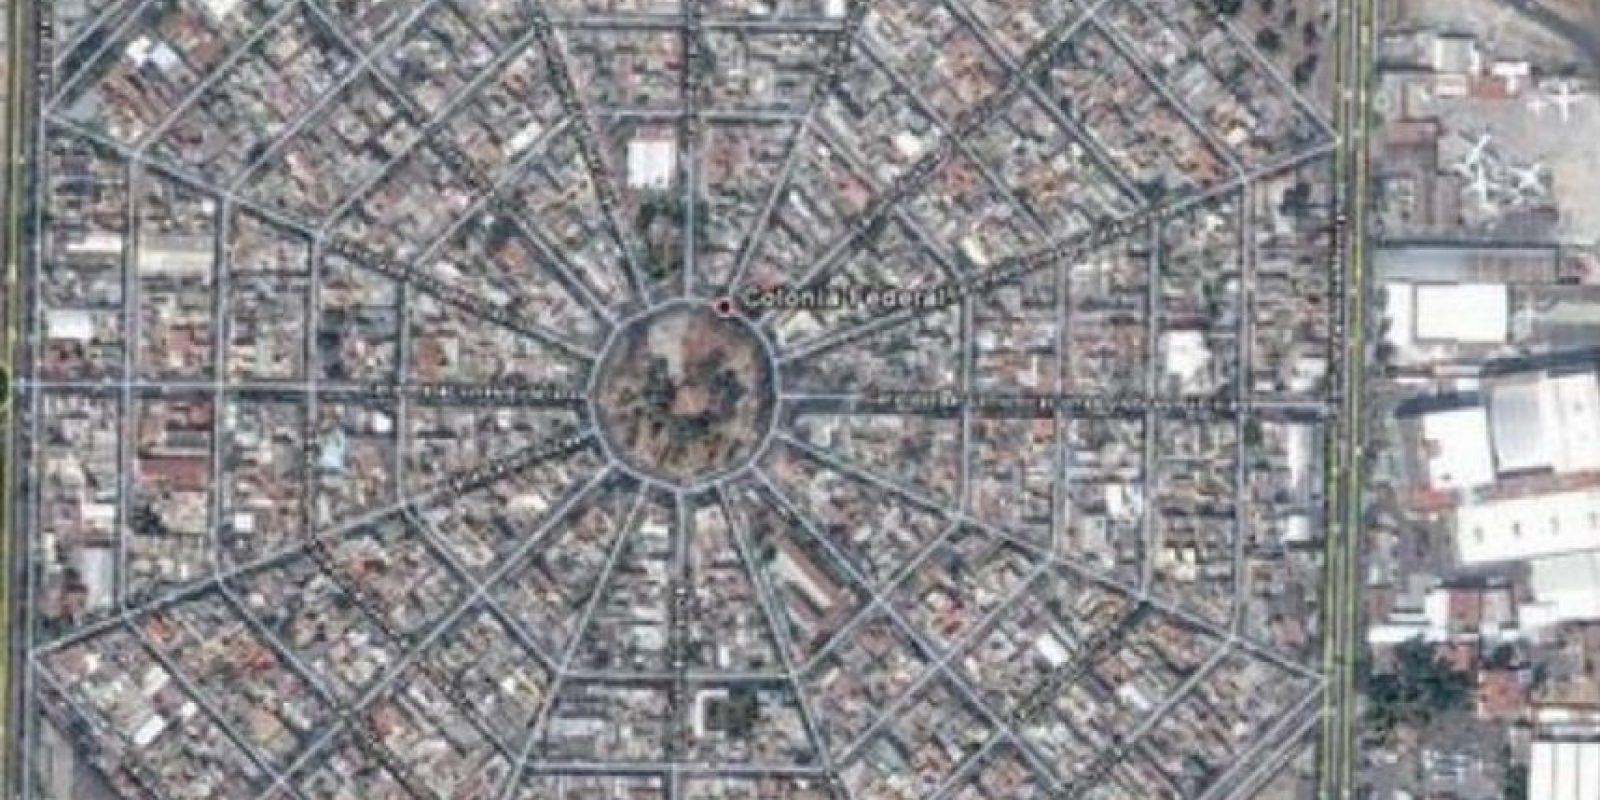 Colonia de México, DF. Una telaraña gigante. Foto:Google Maps